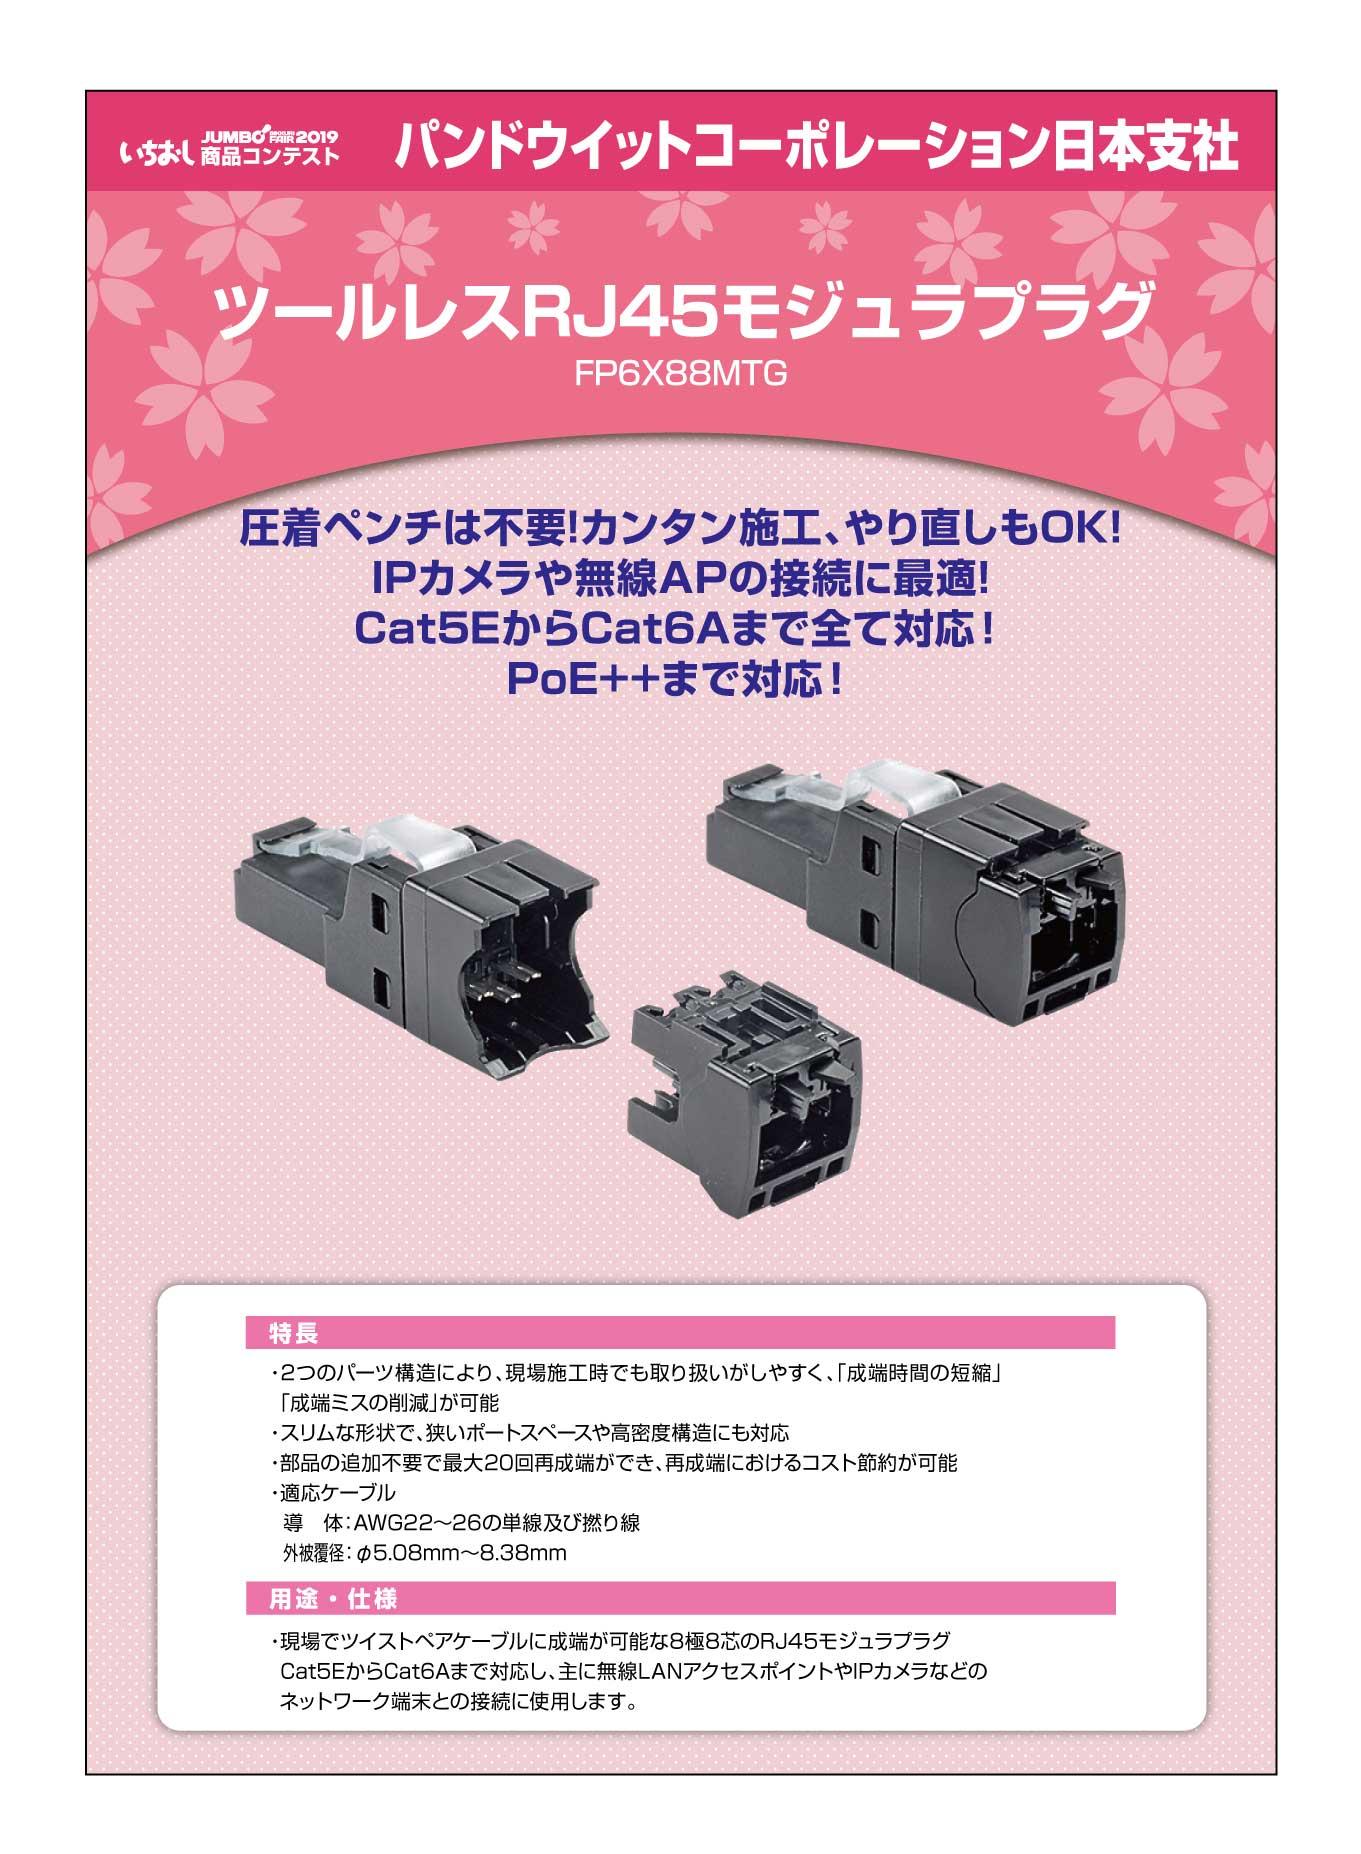 「ツールレスRJ45モジュラプラグ」パンドウイットコーポレーション日本支社の画像